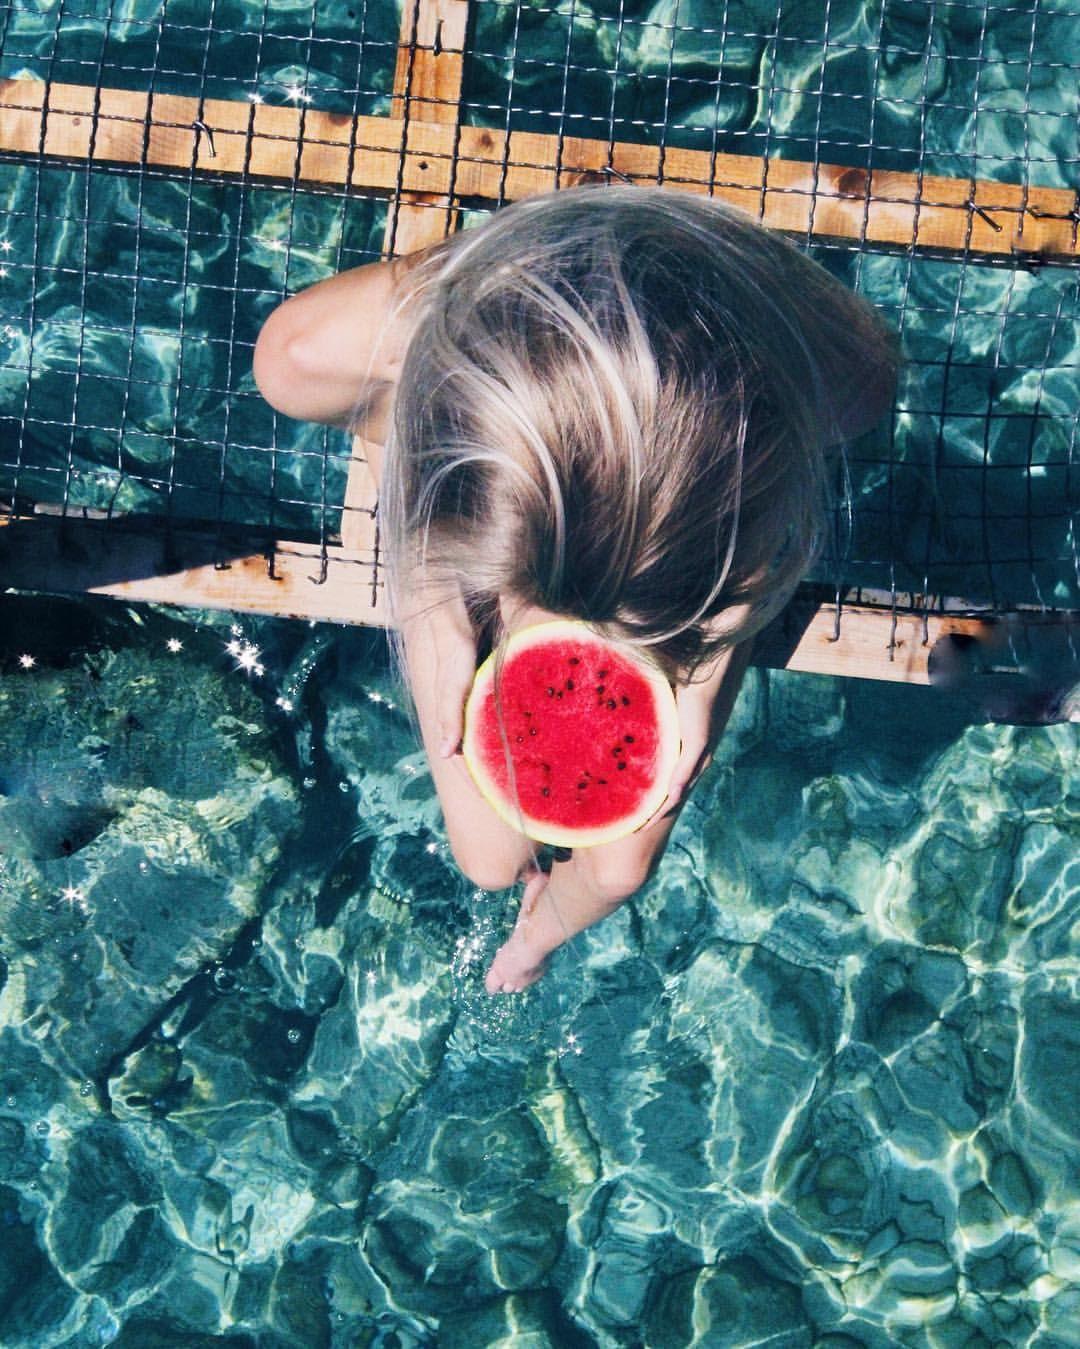 Nea Lindberg